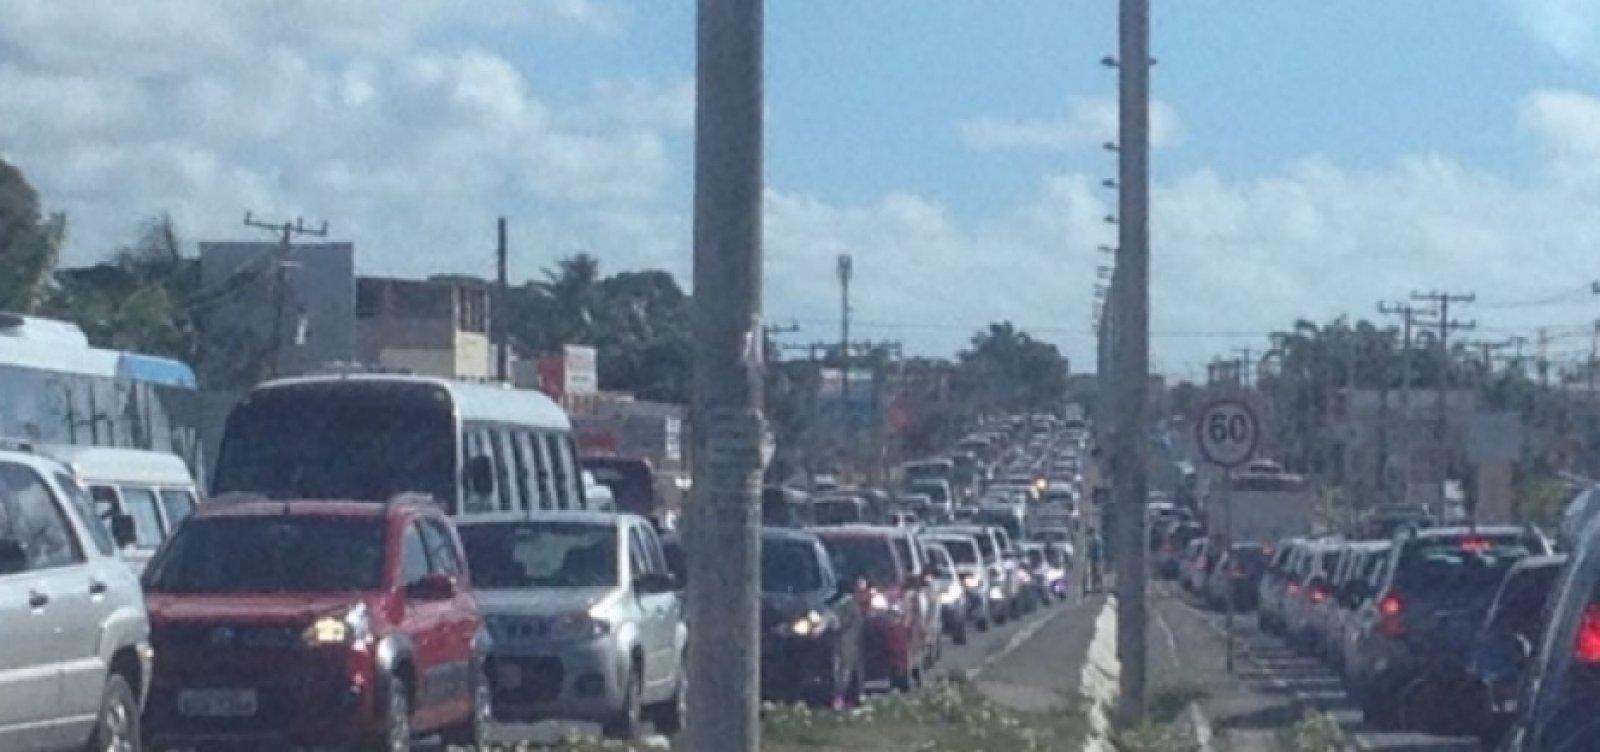 Manifestação gera engarrafamento de 2h na Estrada do Coco